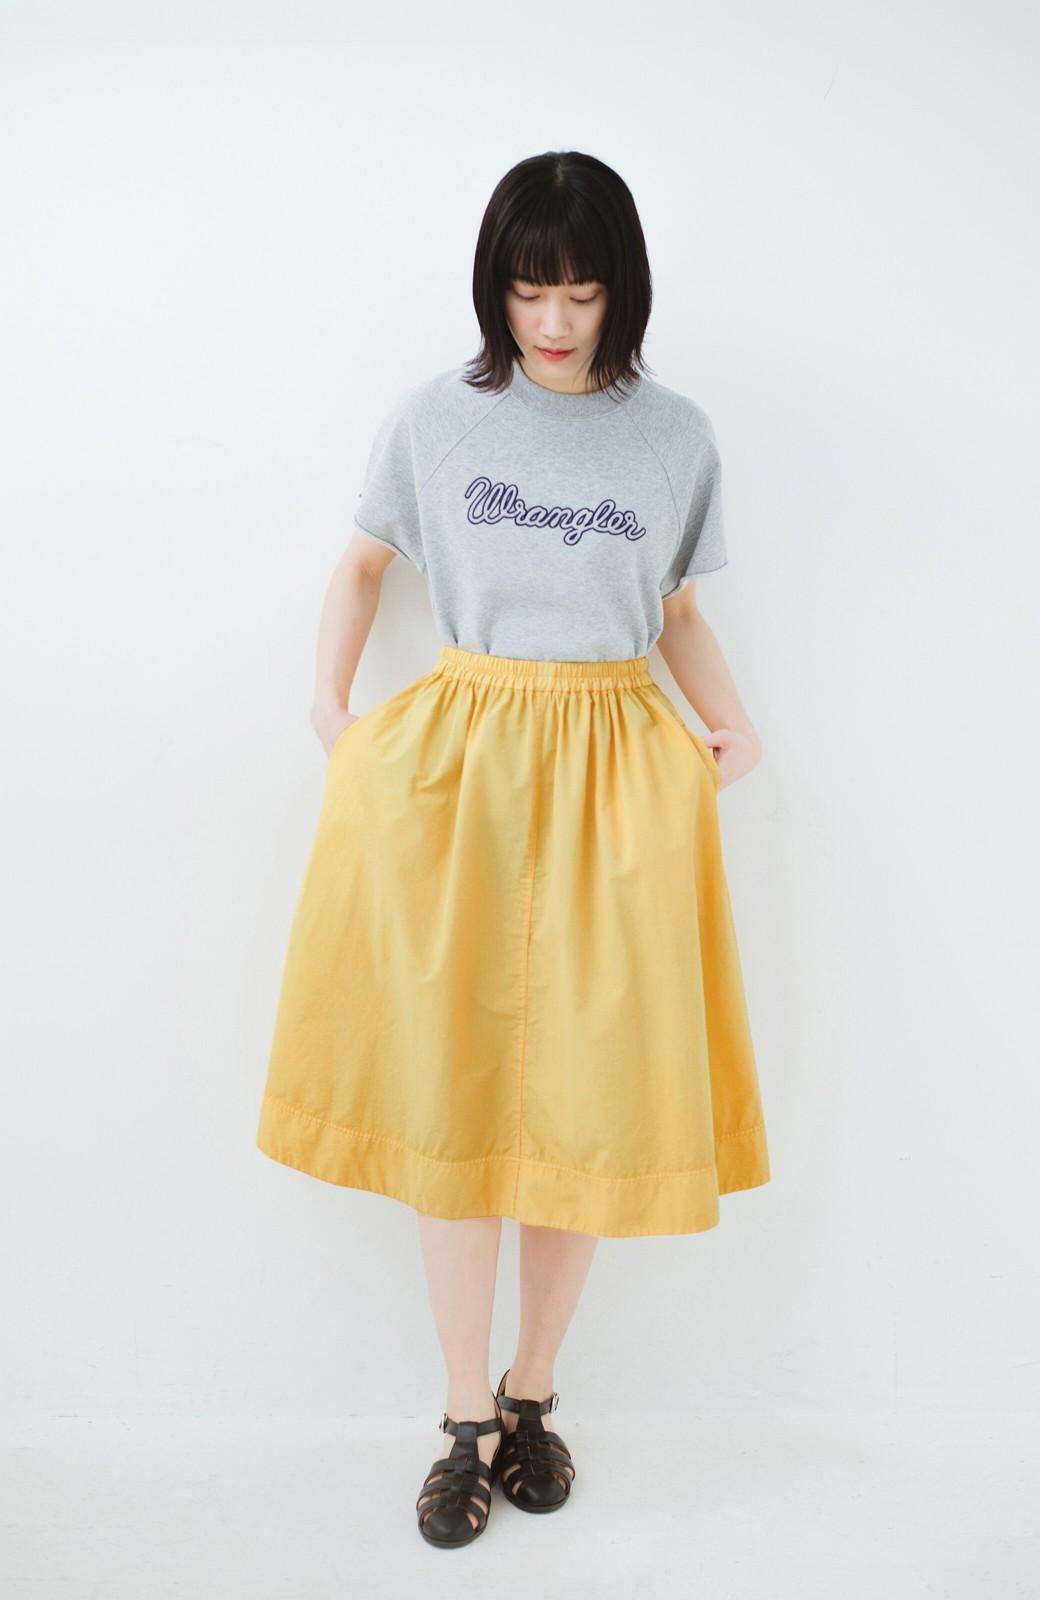 haco! 花や野菜を使って染めた 楽ちんキレイなフレアースカート <イエロー>の商品写真8